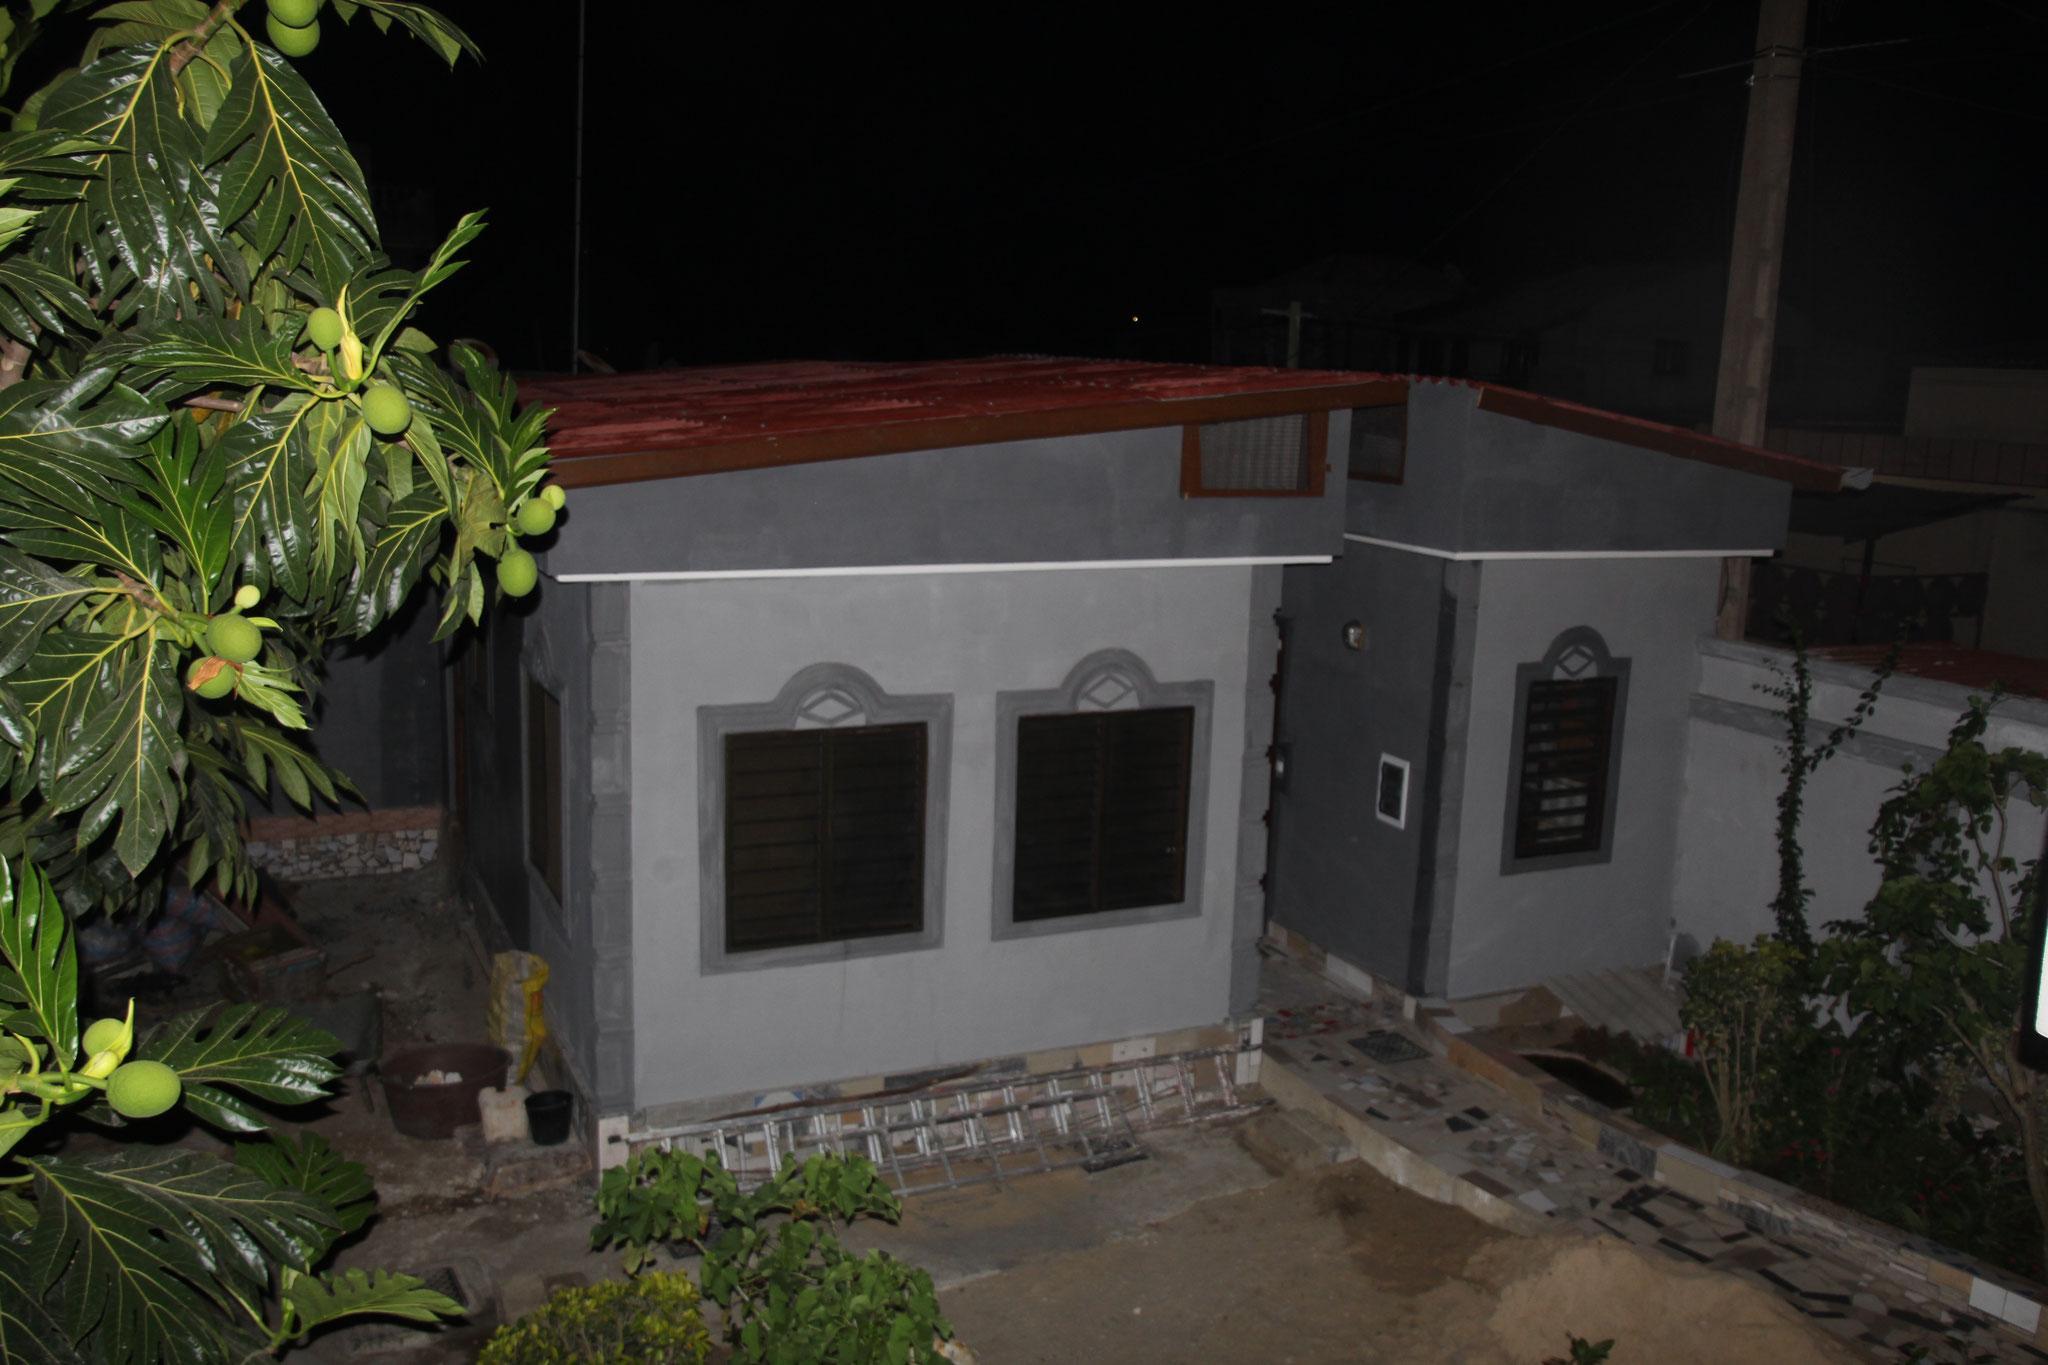 Zimmer von Afi und afrikanische Küche Nachts.